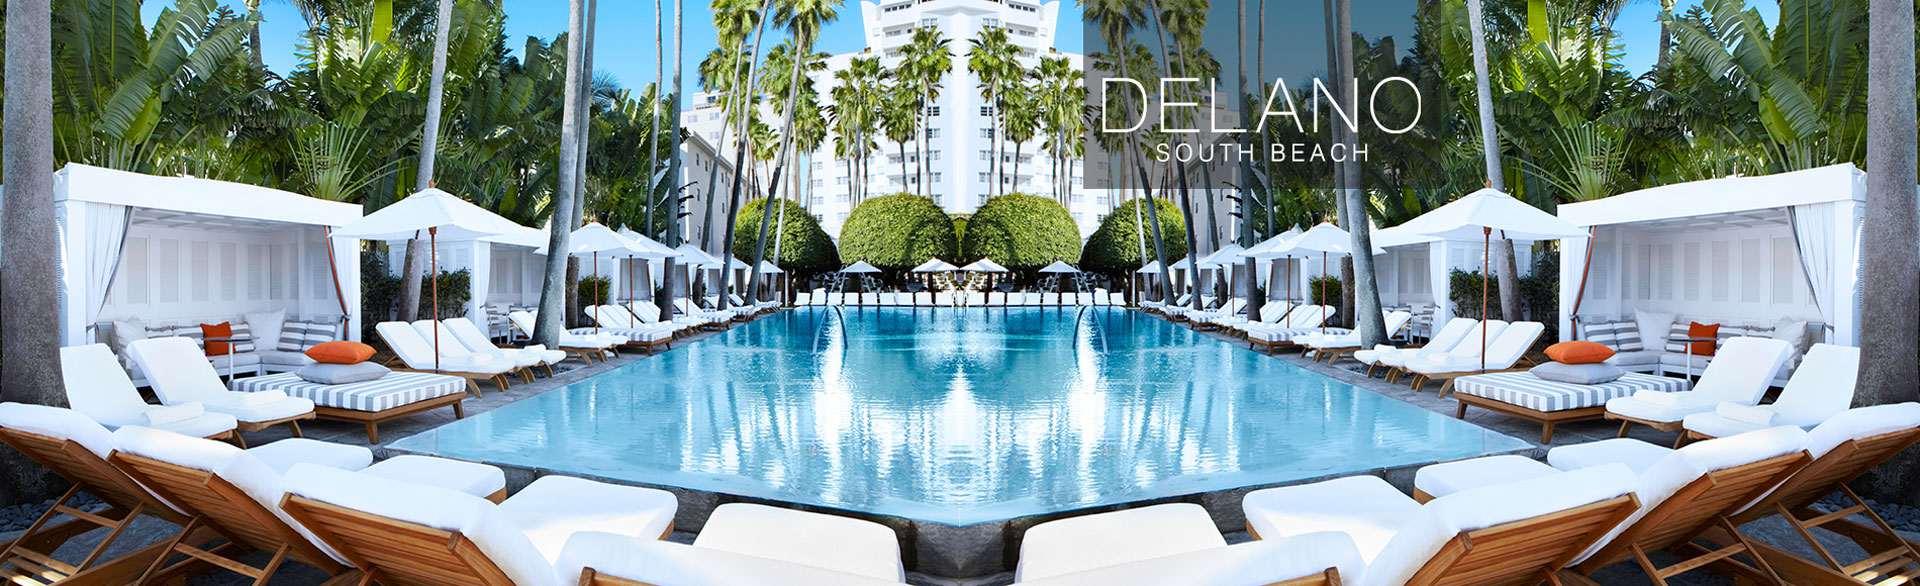 sliders_hotels_delano2